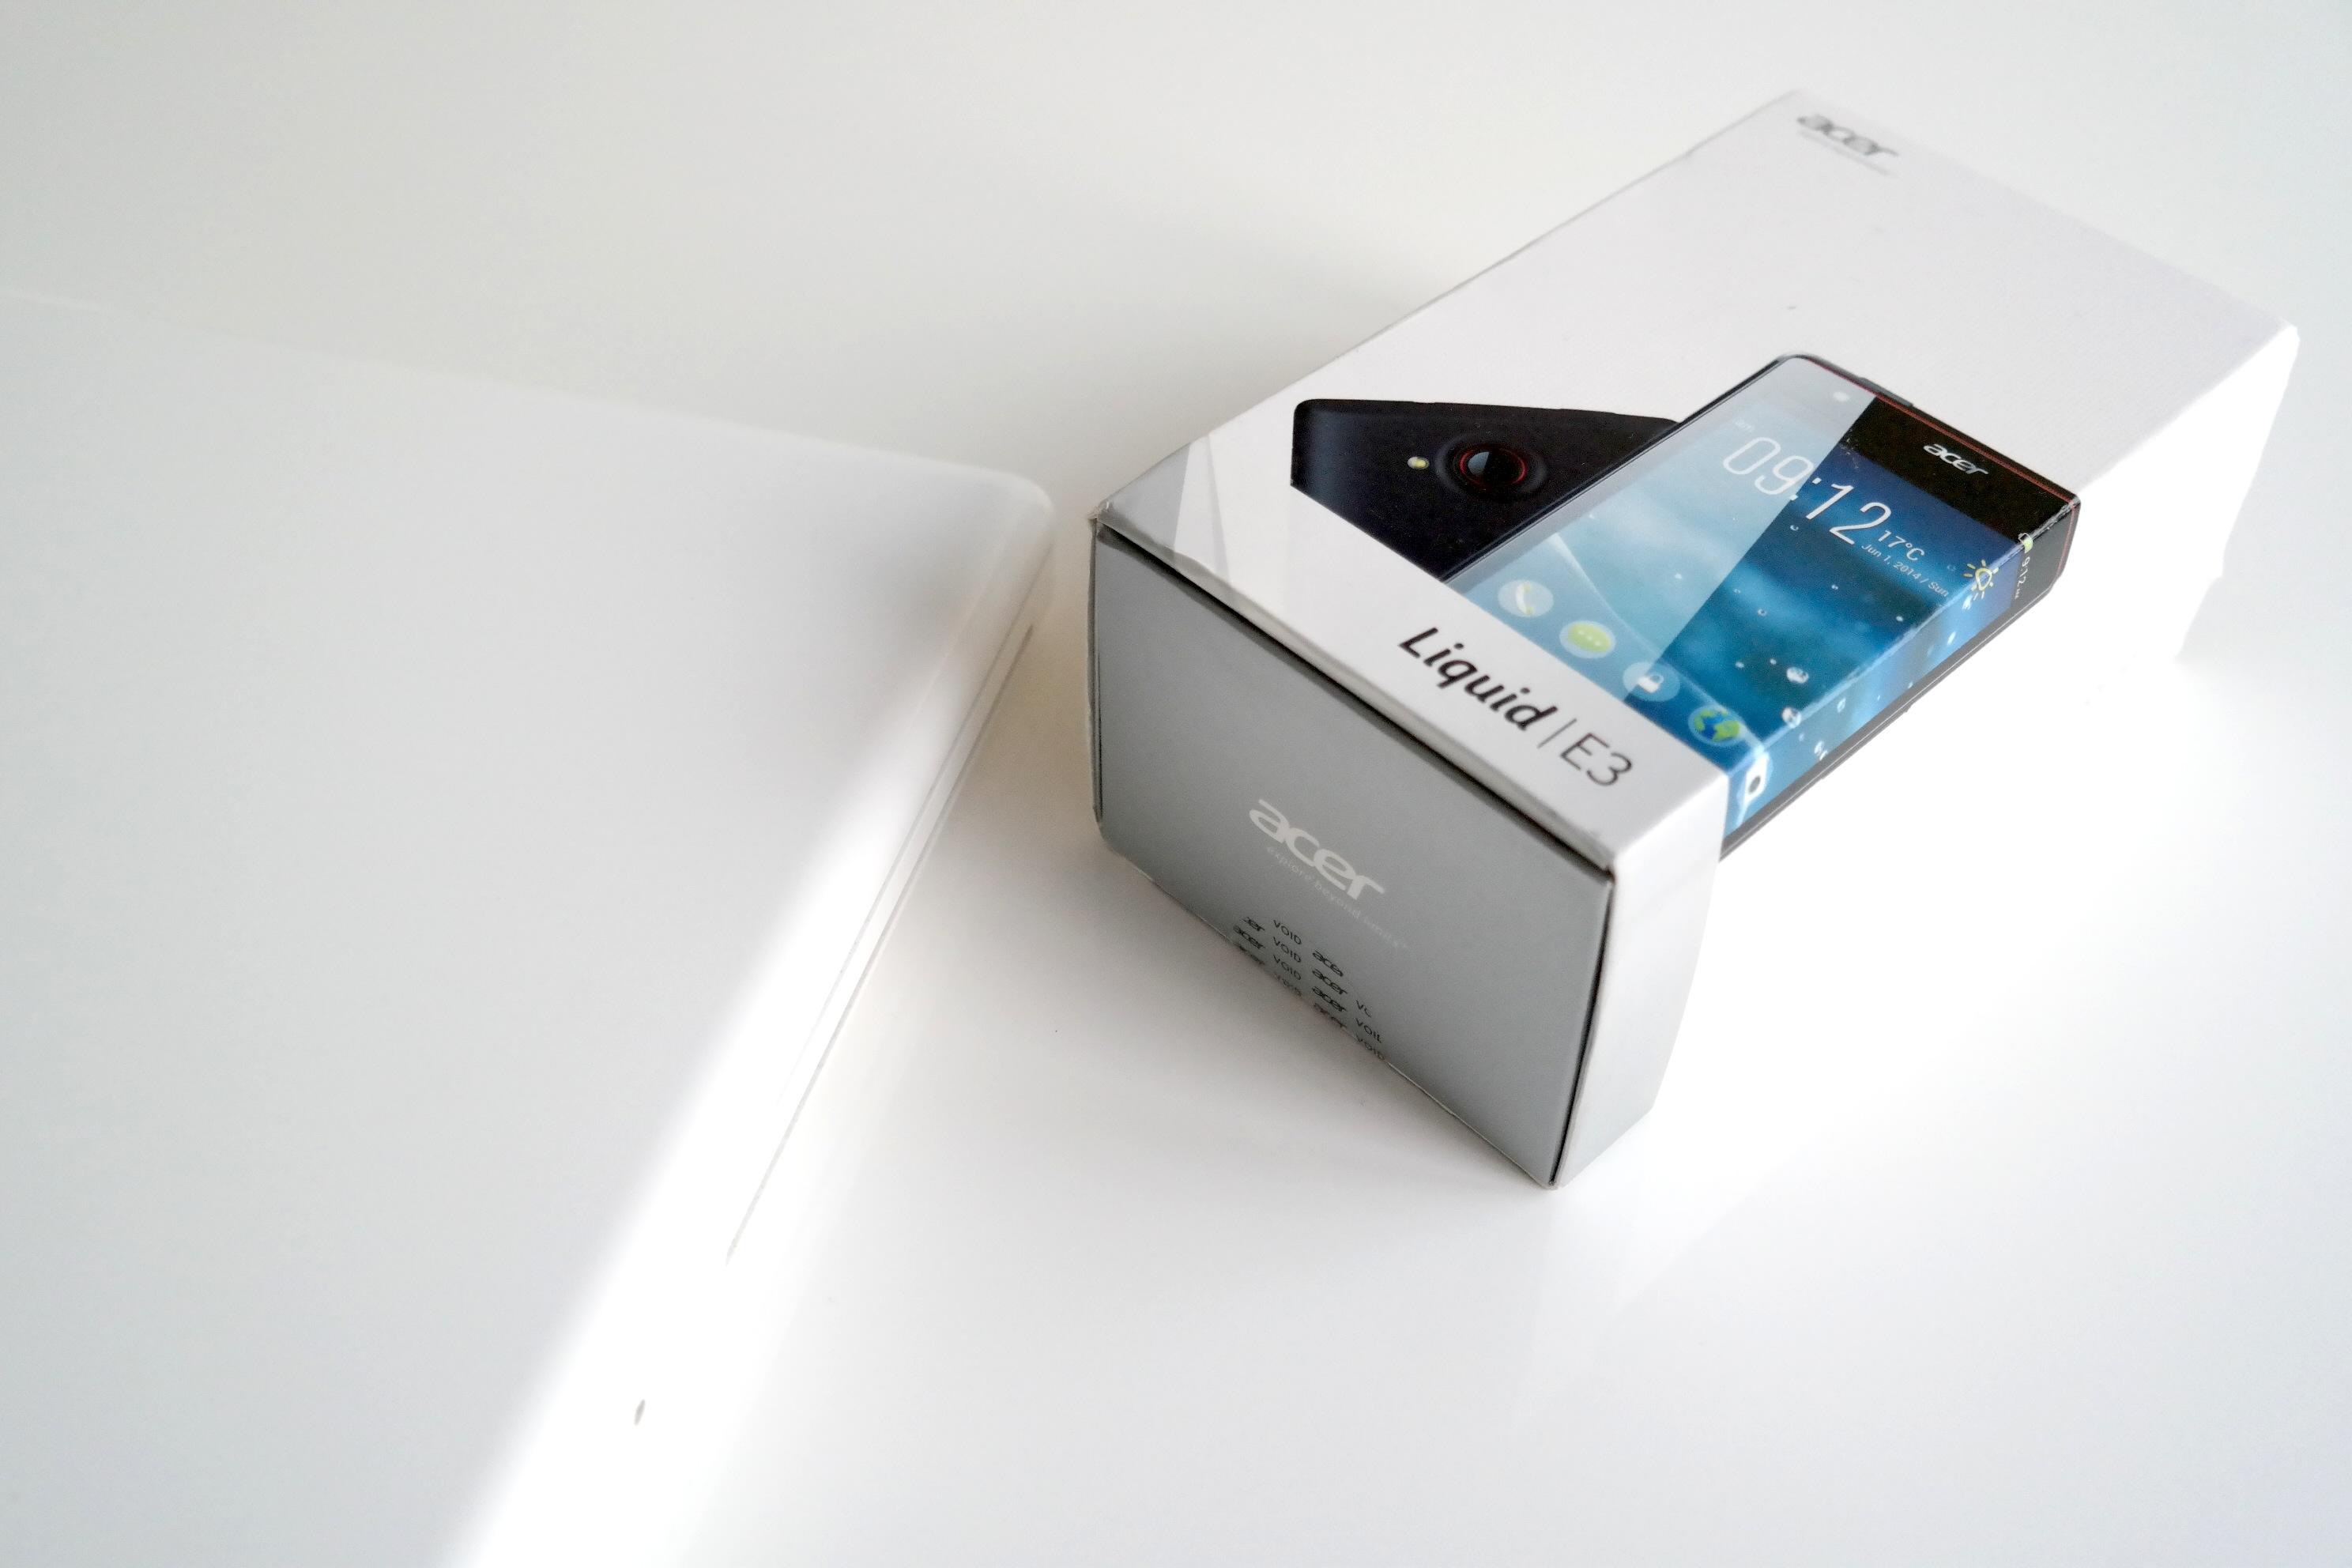 Liebes Tagebuch… was ich alles am Wochenende erlebt habe / Documented beim neuen Acer Liquid E3